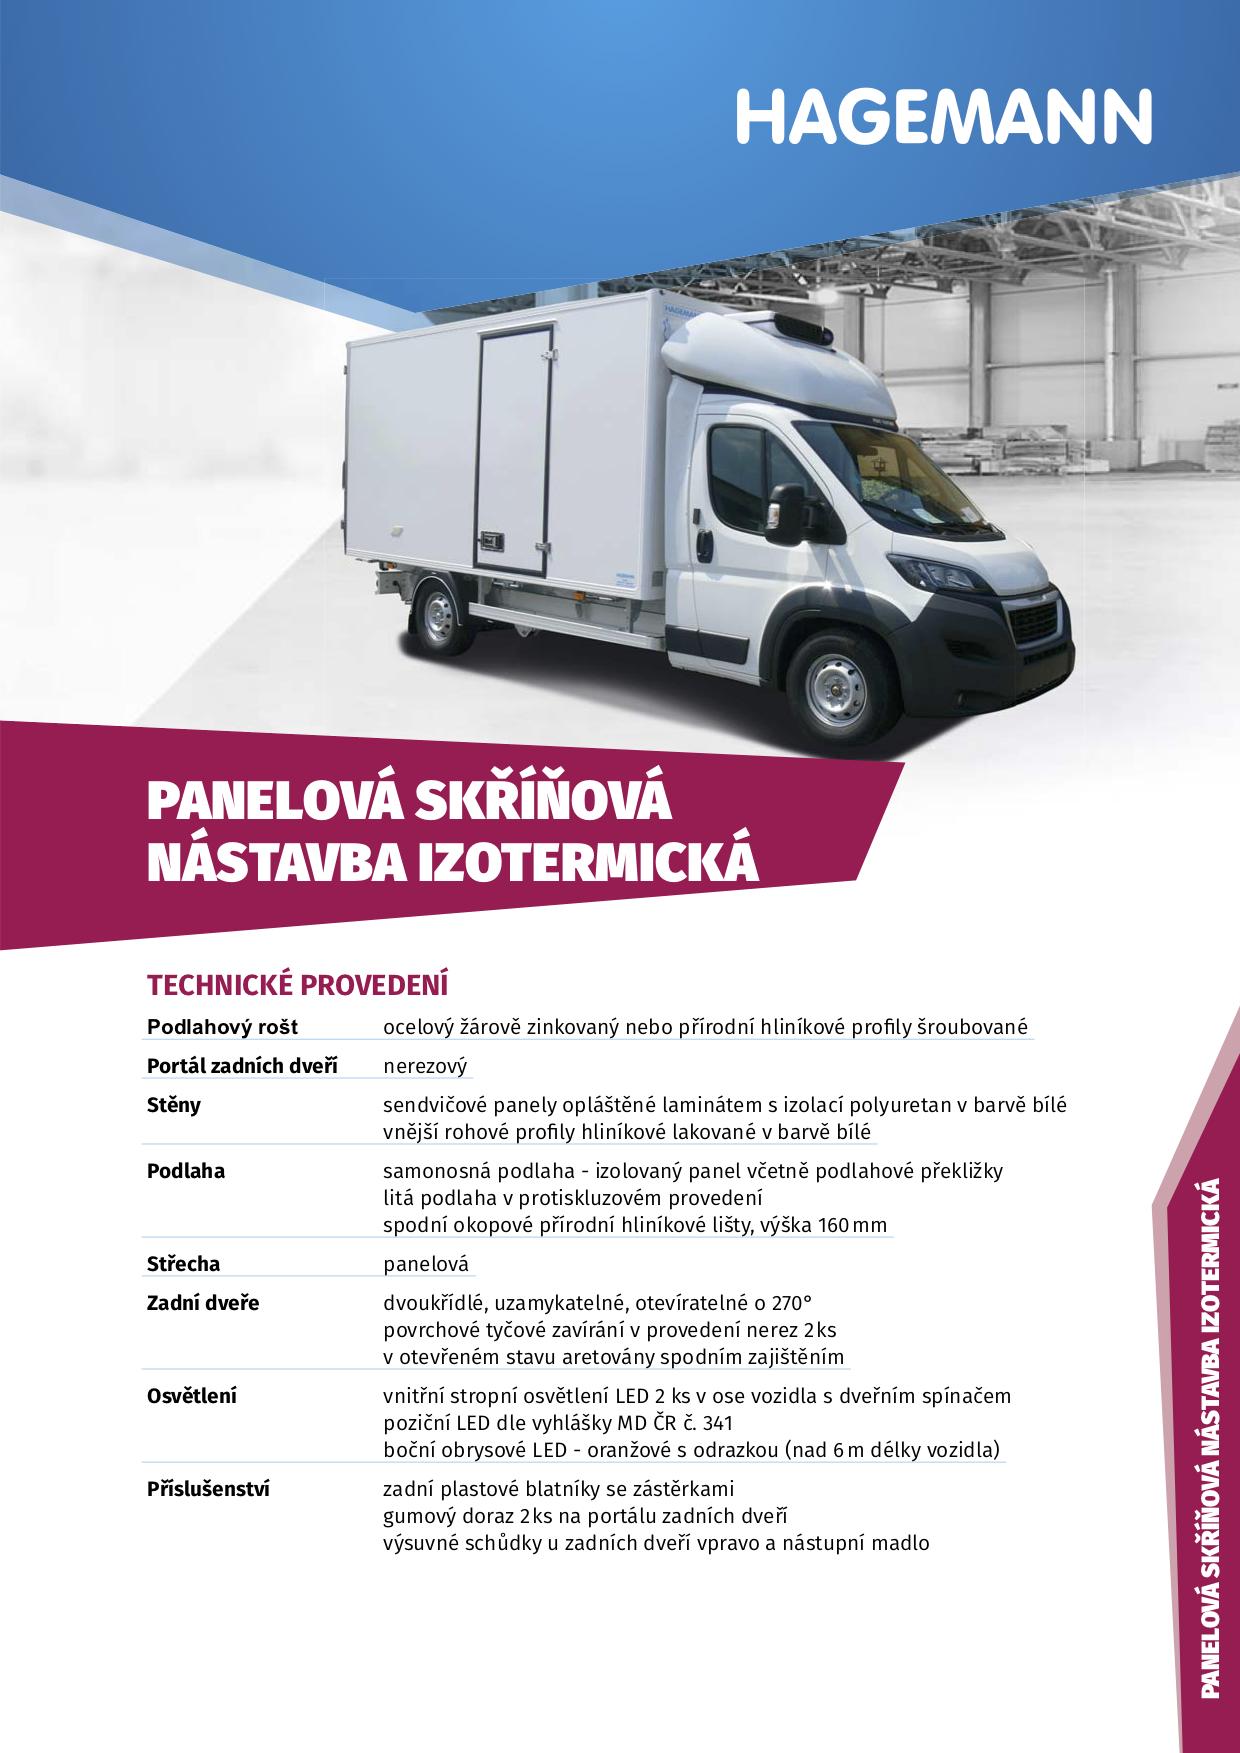 Chladírenské nástavby užitkových vozidel - Hagemann a.s. Opava